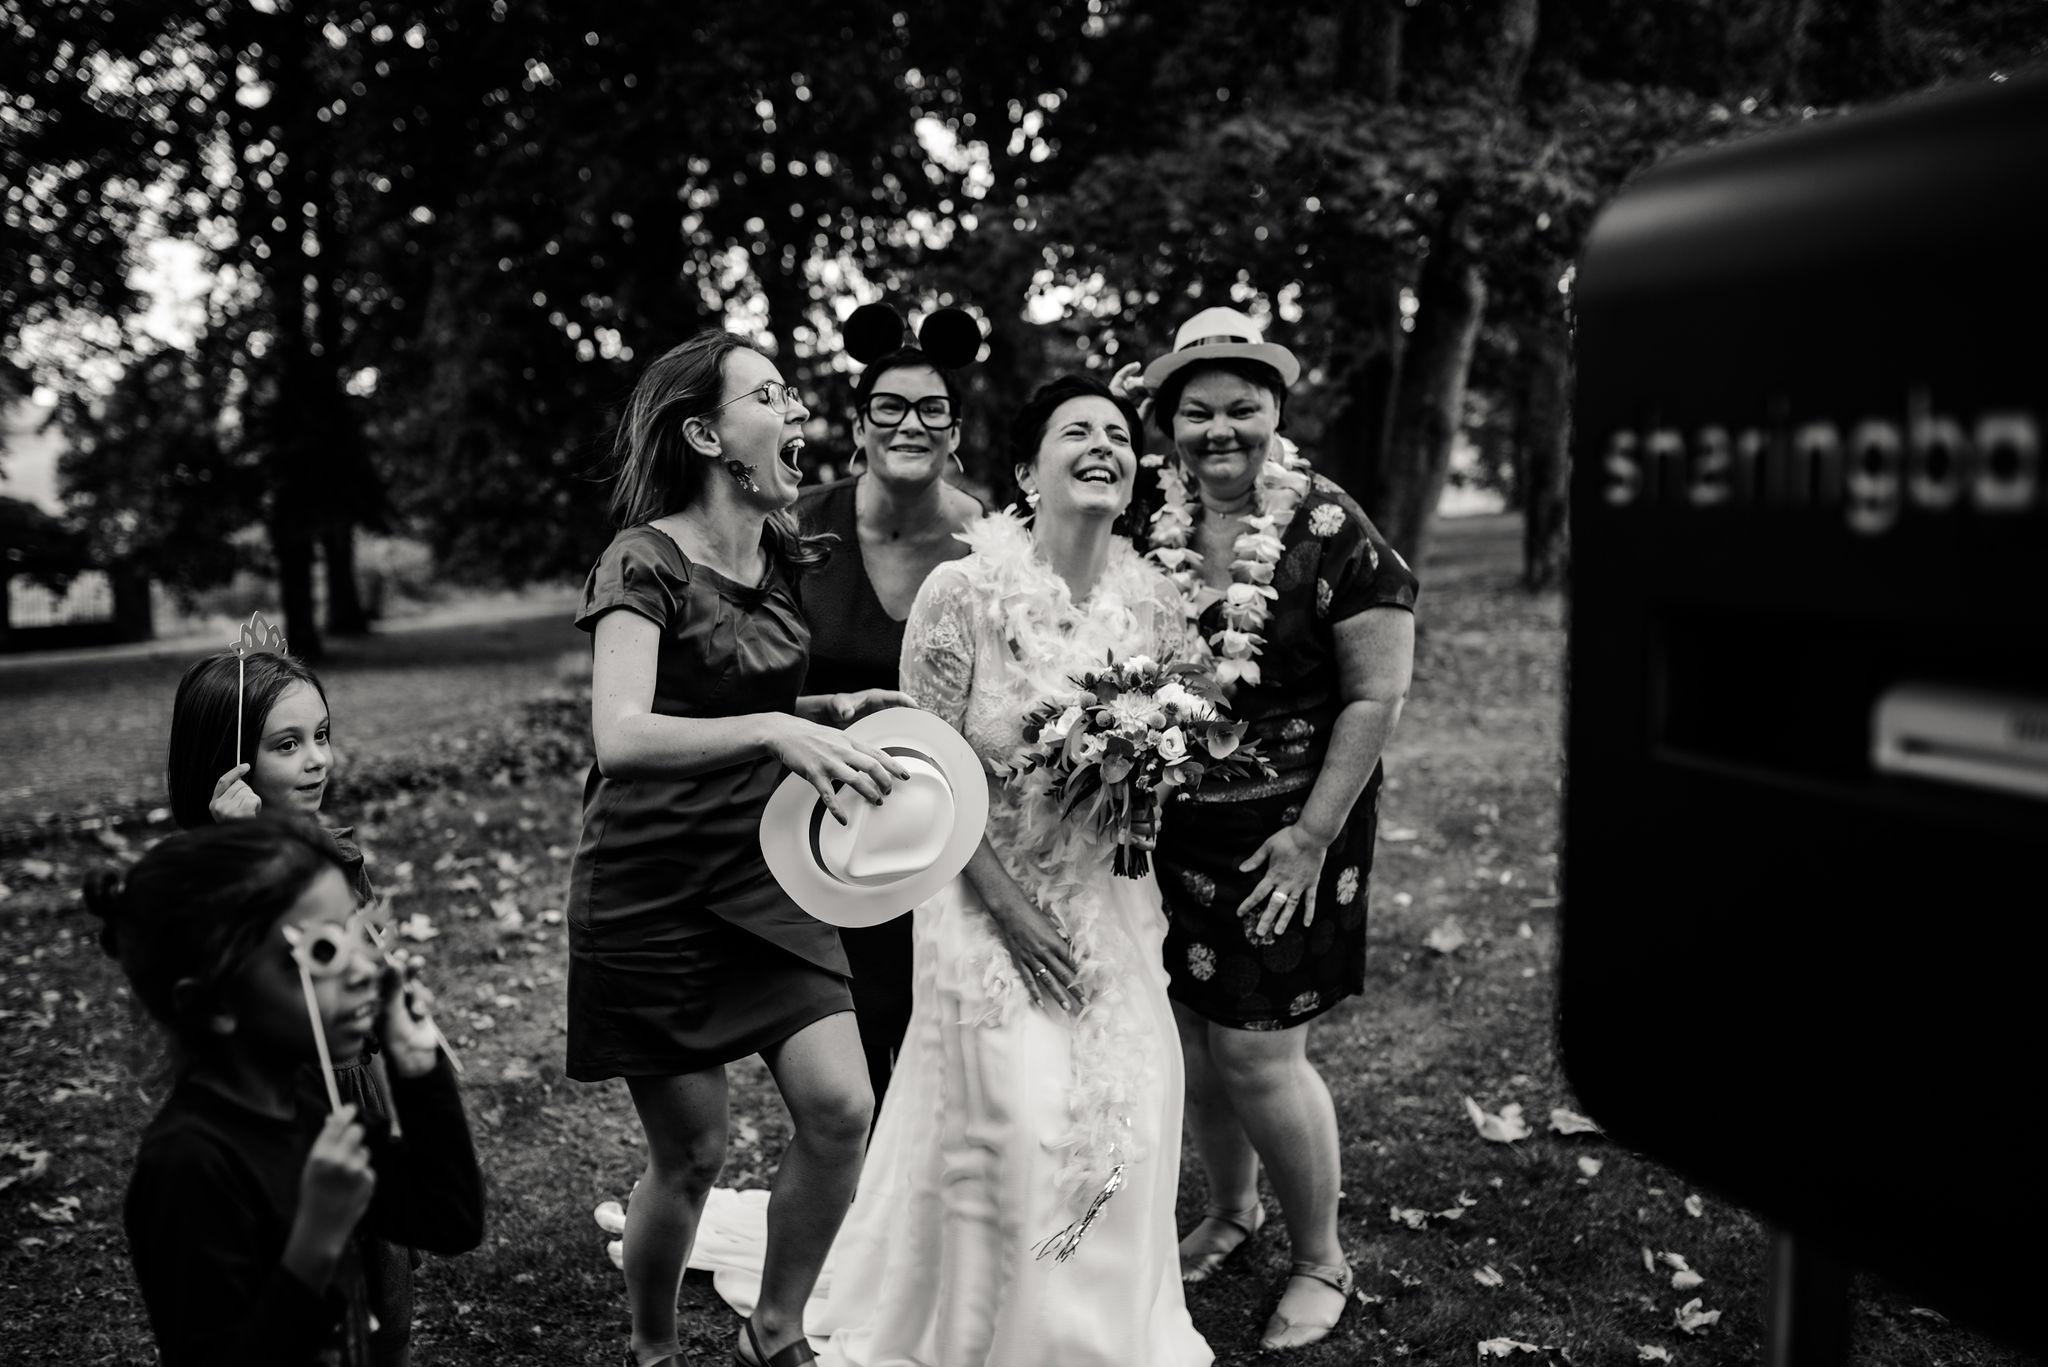 Léa-Fery-photographe-professionnel-lyon-rhone-alpes-portrait-creation-mariage-evenement-evenementiel-famille-5762.jpg